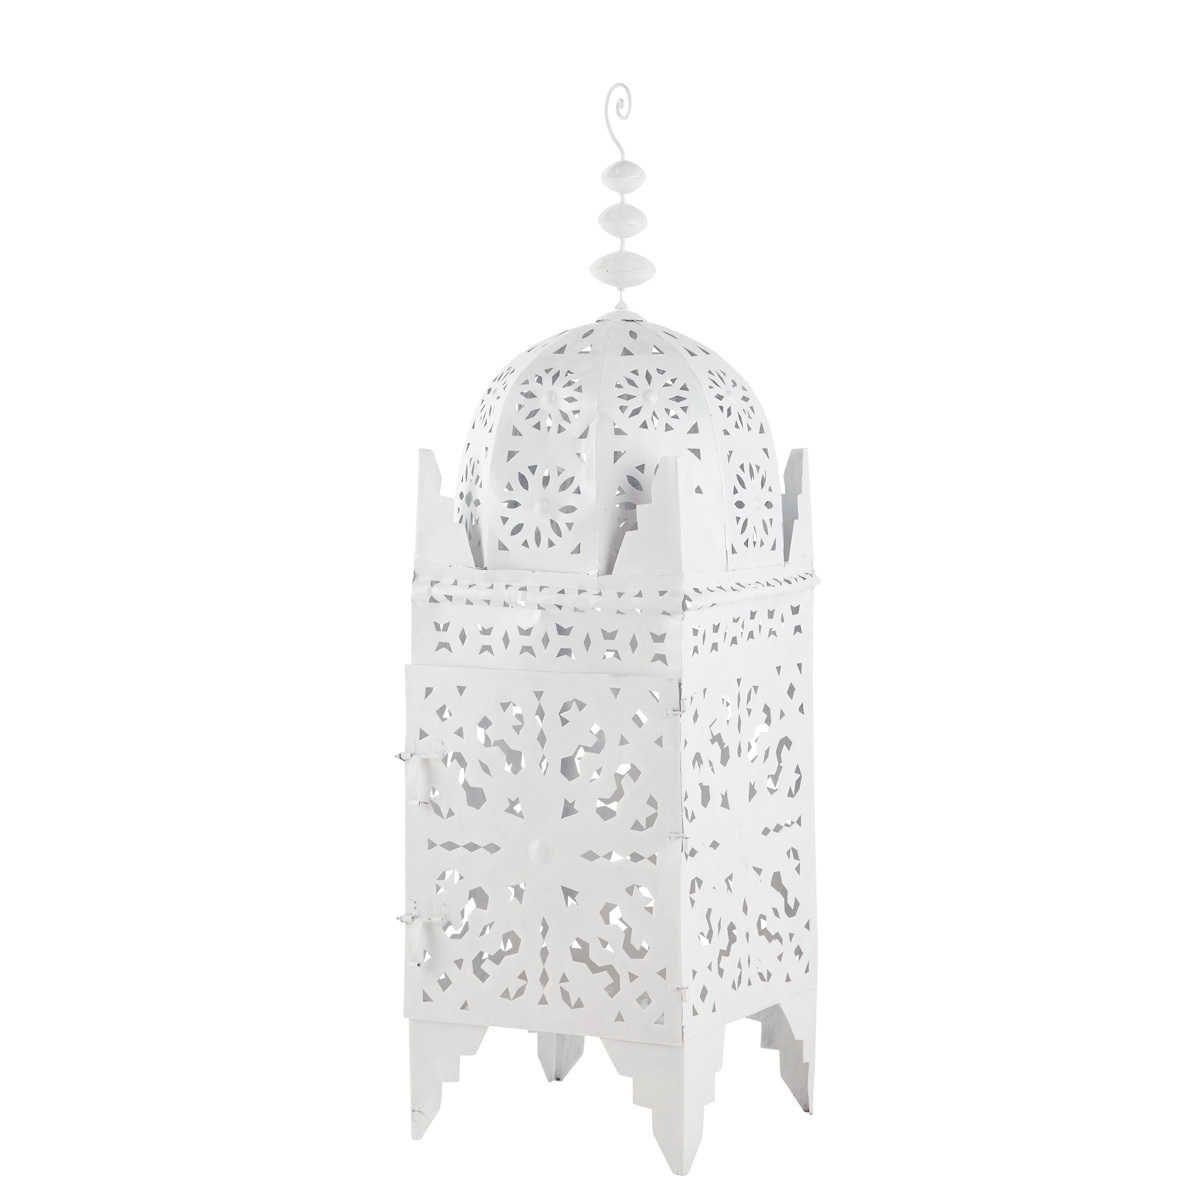 Lampe Marocaine Maison Du Monde